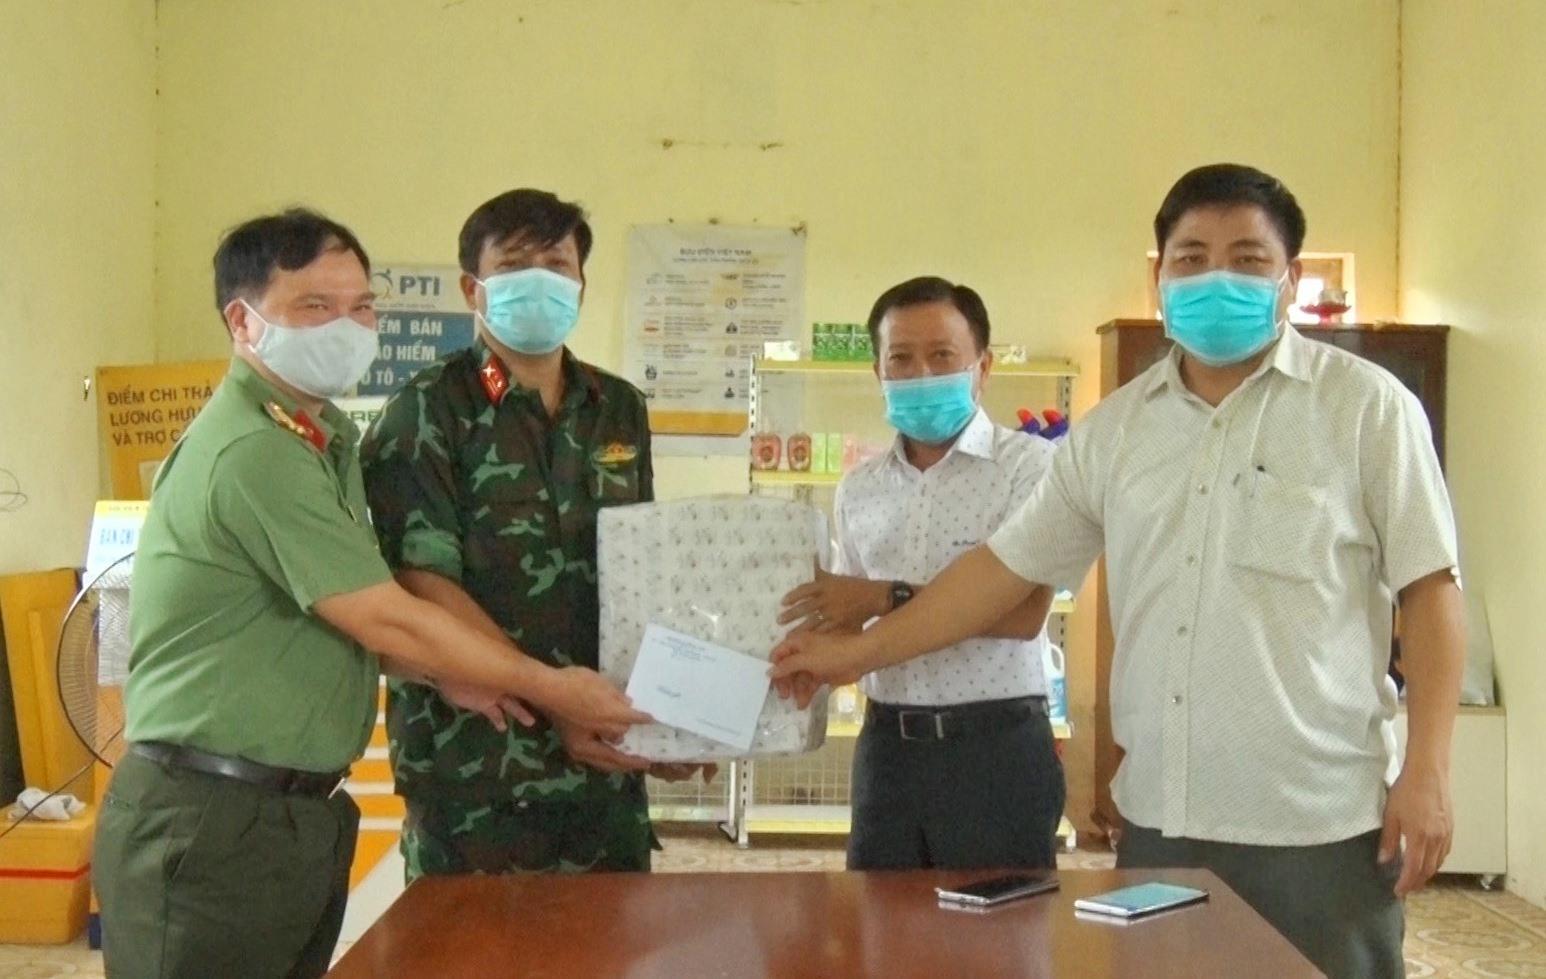 Lãnh đạo huyện tặng quà cho lực lượng làm nhiệm vụ ở khu cách ly. Ảnh: P.N